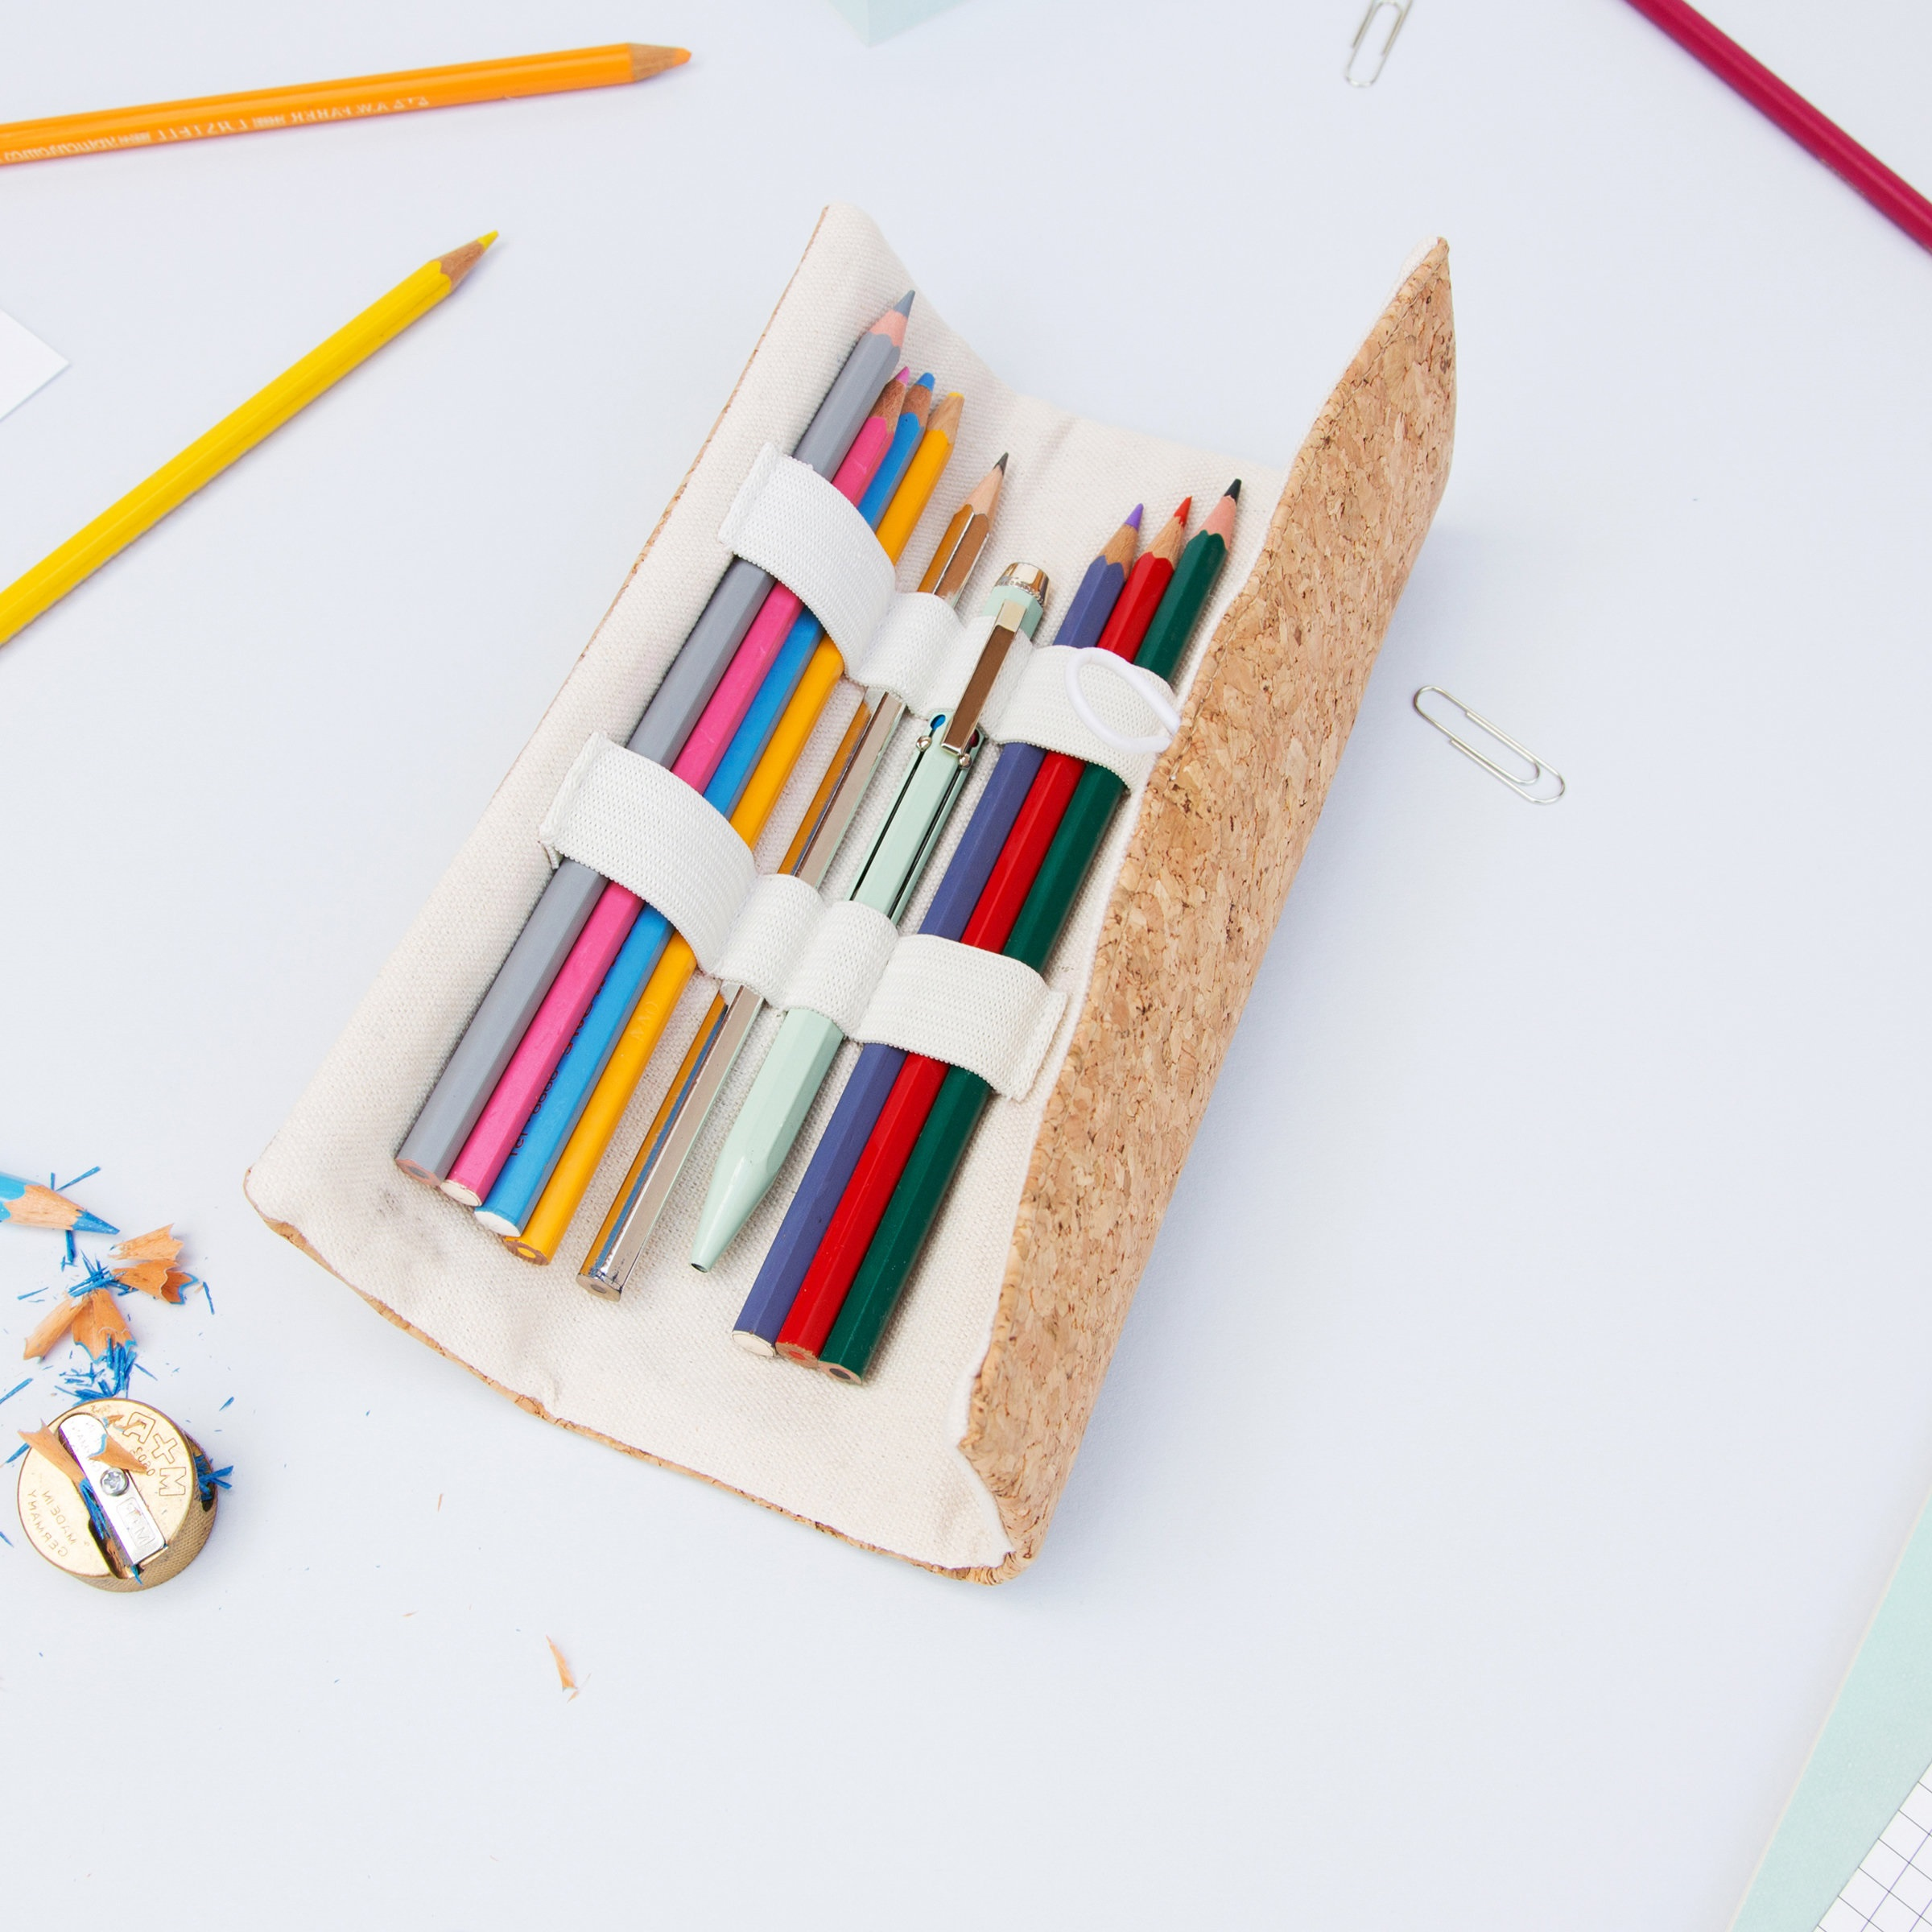 Idée de trousse pour l'école bricolage.